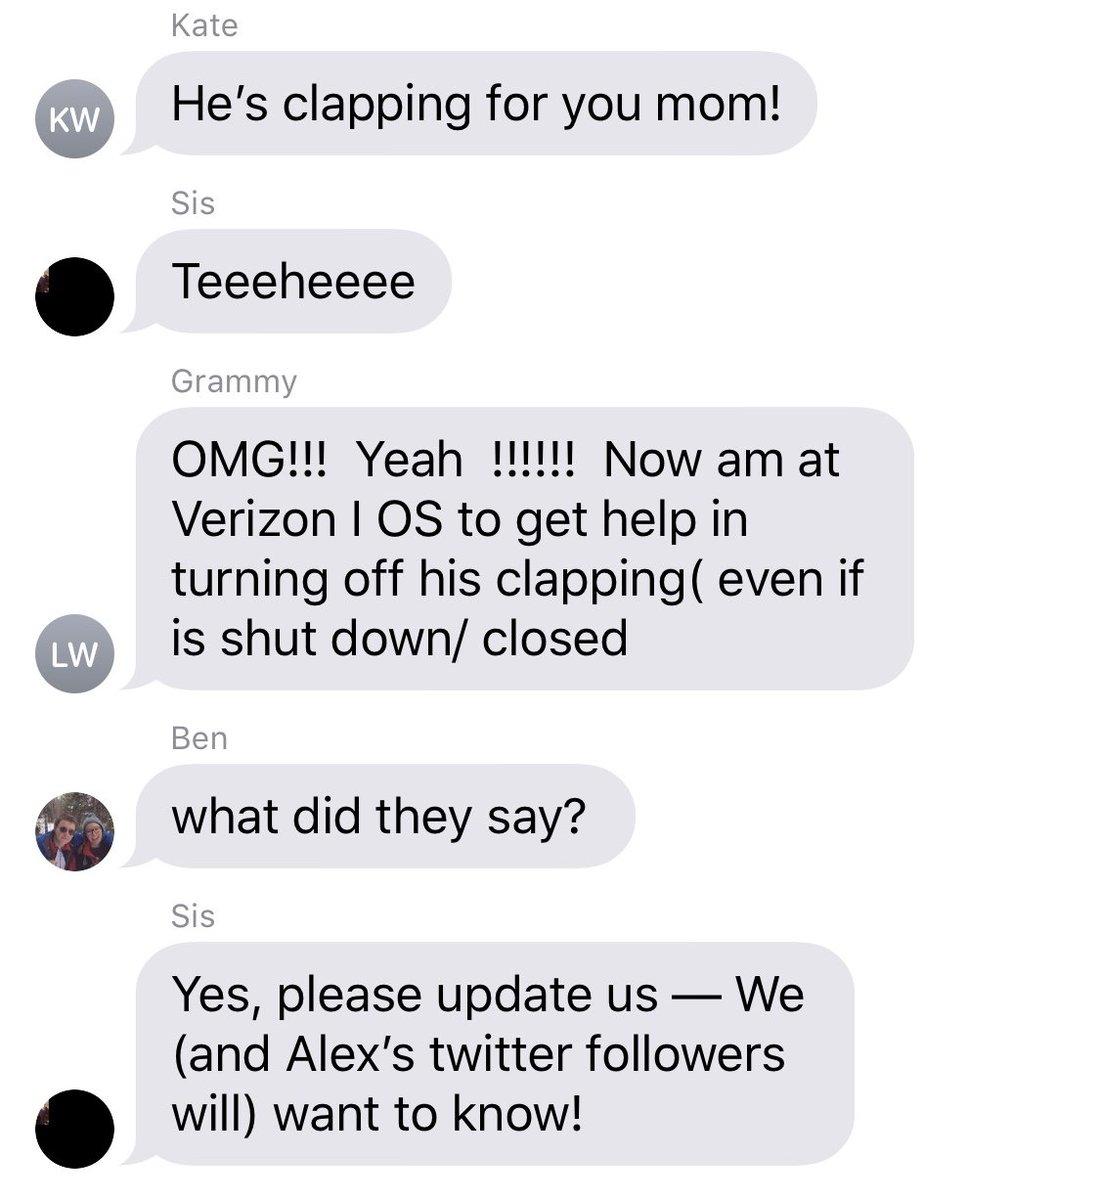 Alex Konrad on Twitter: